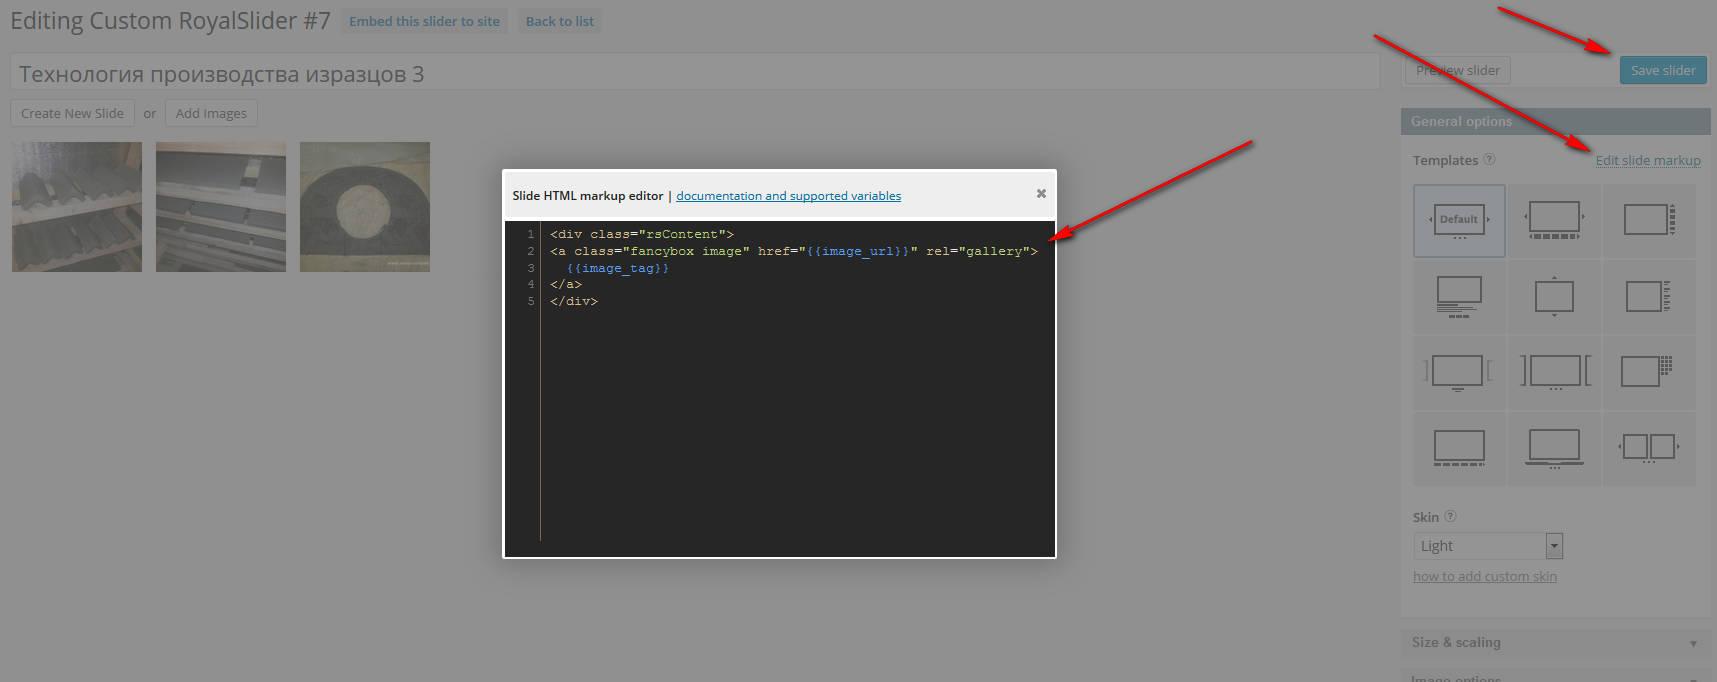 Как сделать слайдер фото в html